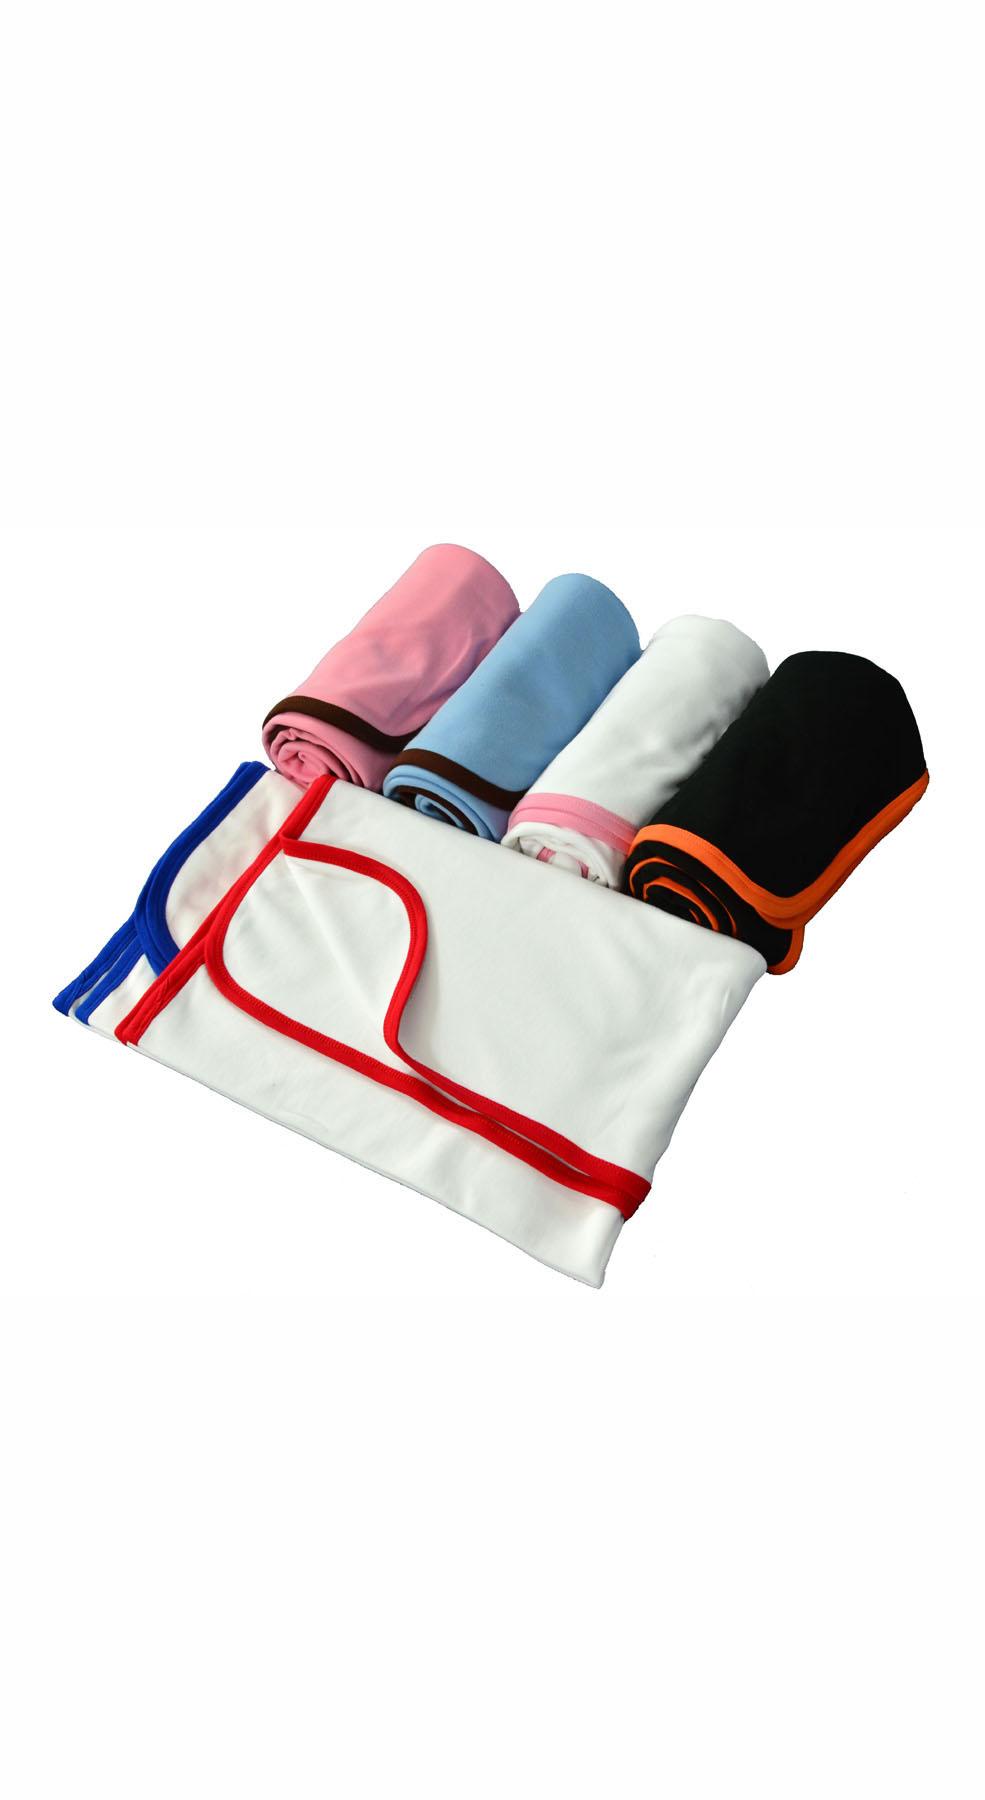 Monag 200003 - Ringer Blankets